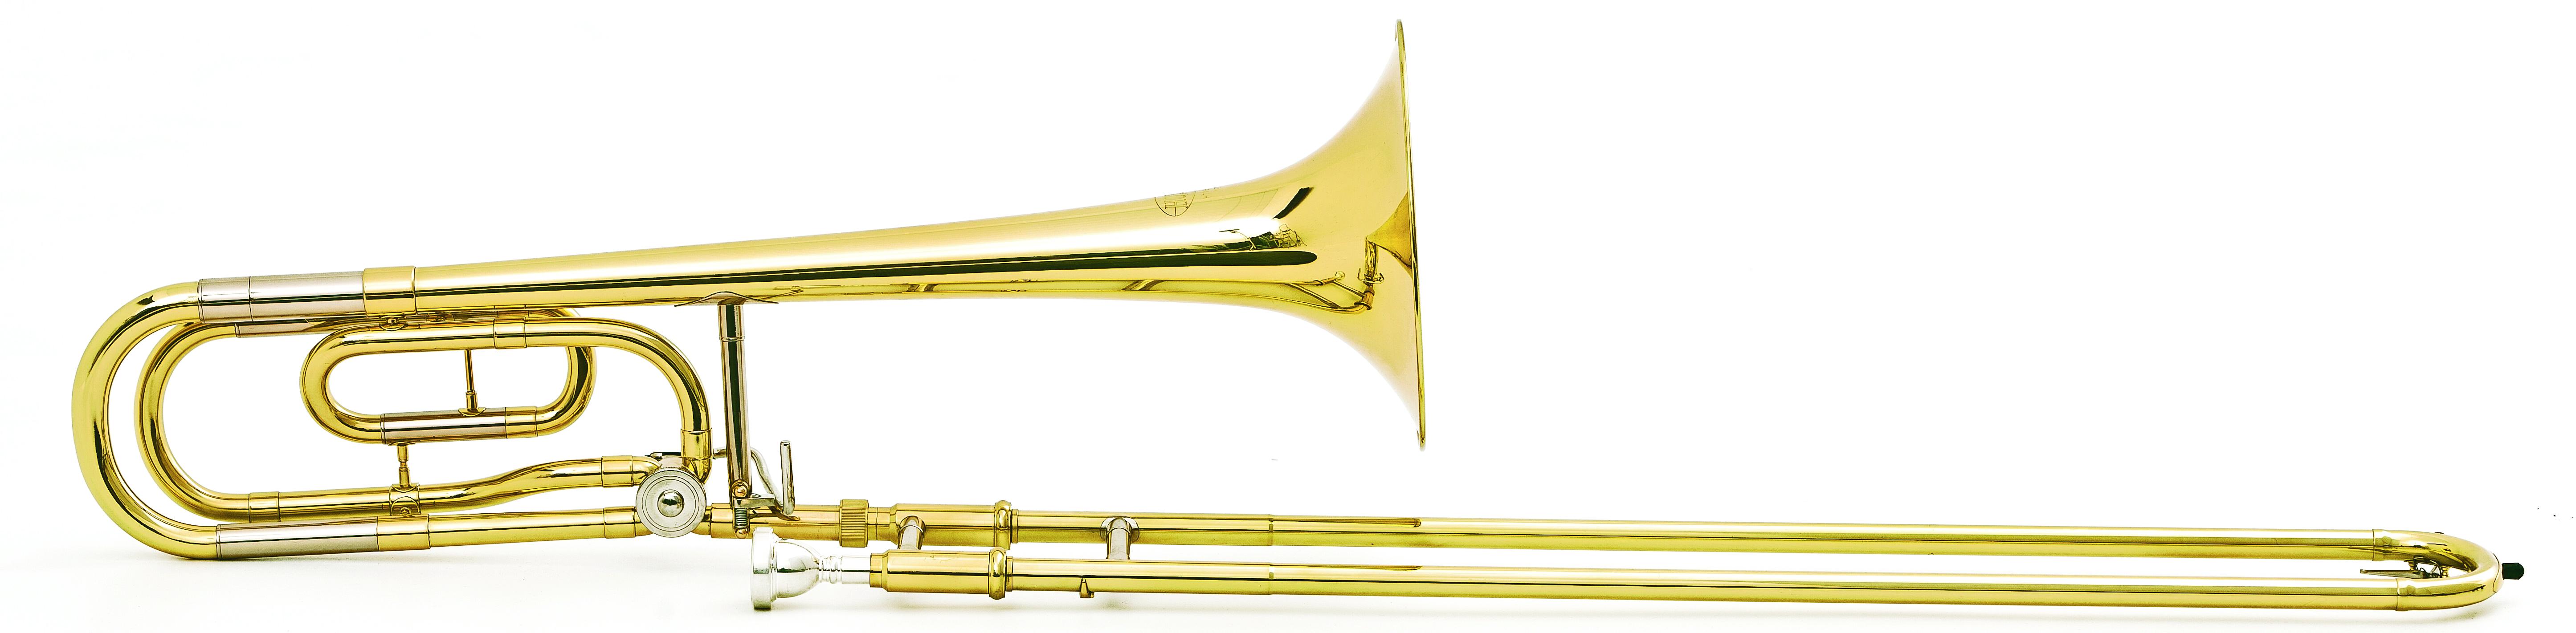 Trombone Vara HTBV-25L Sib